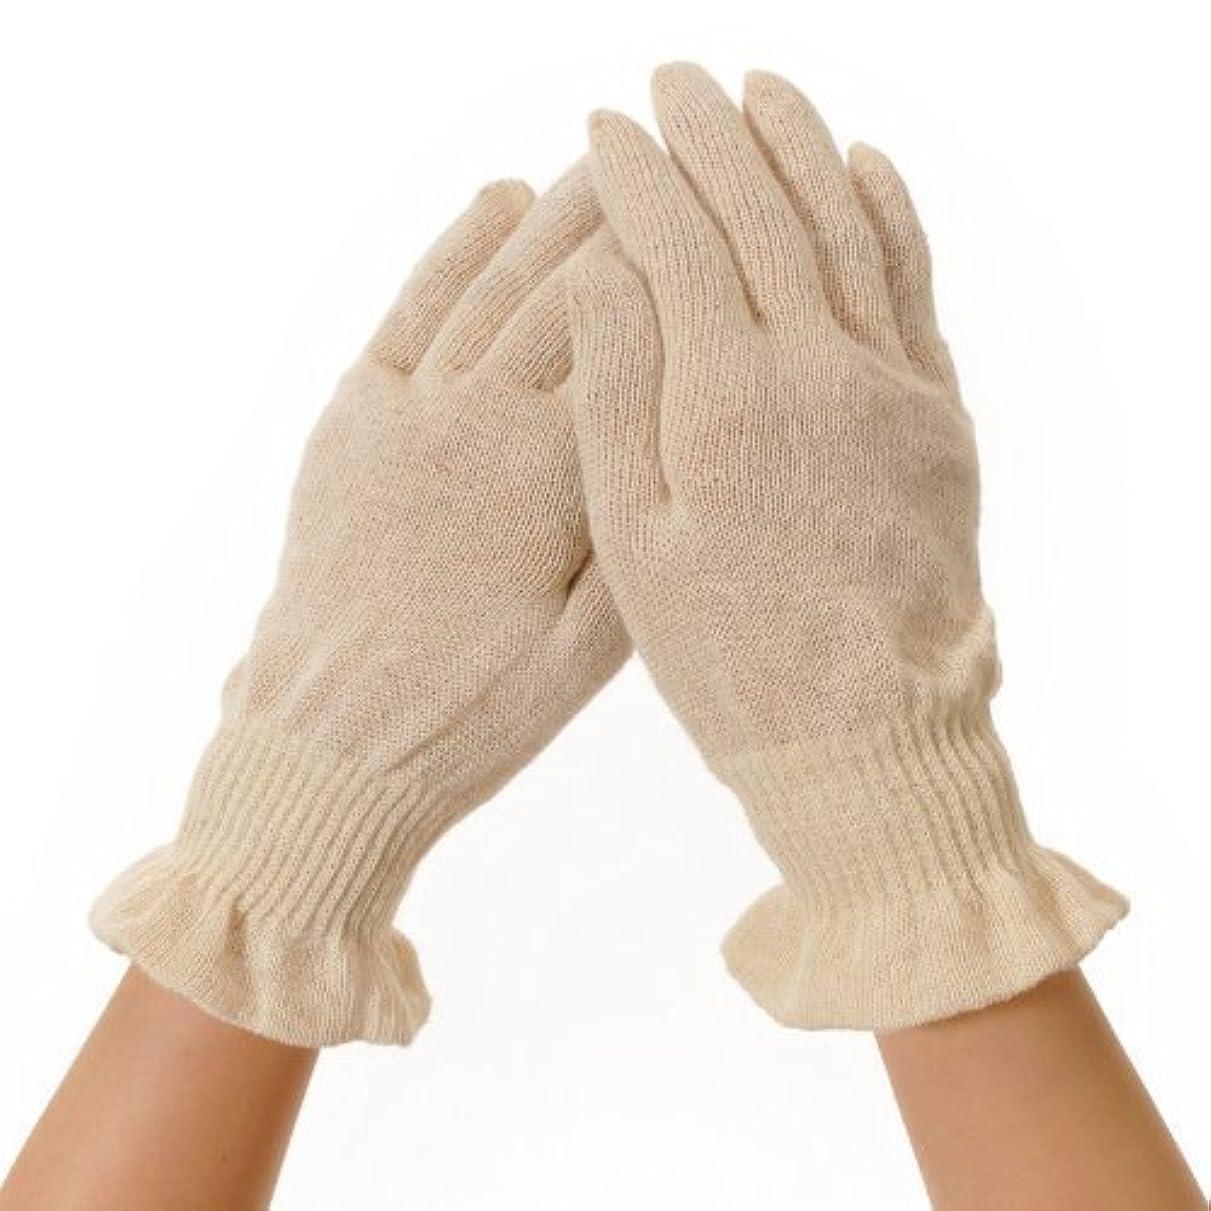 好色な応援する一時解雇する麻福 就寝用 手袋 [寝ている間に保湿で手荒れケア おやすみ手袋] 麻福特製ヘンプ糸 R レギュラーサイズ (女性ゆったり/男性ジャストフィット) きなり色 手荒れ予防